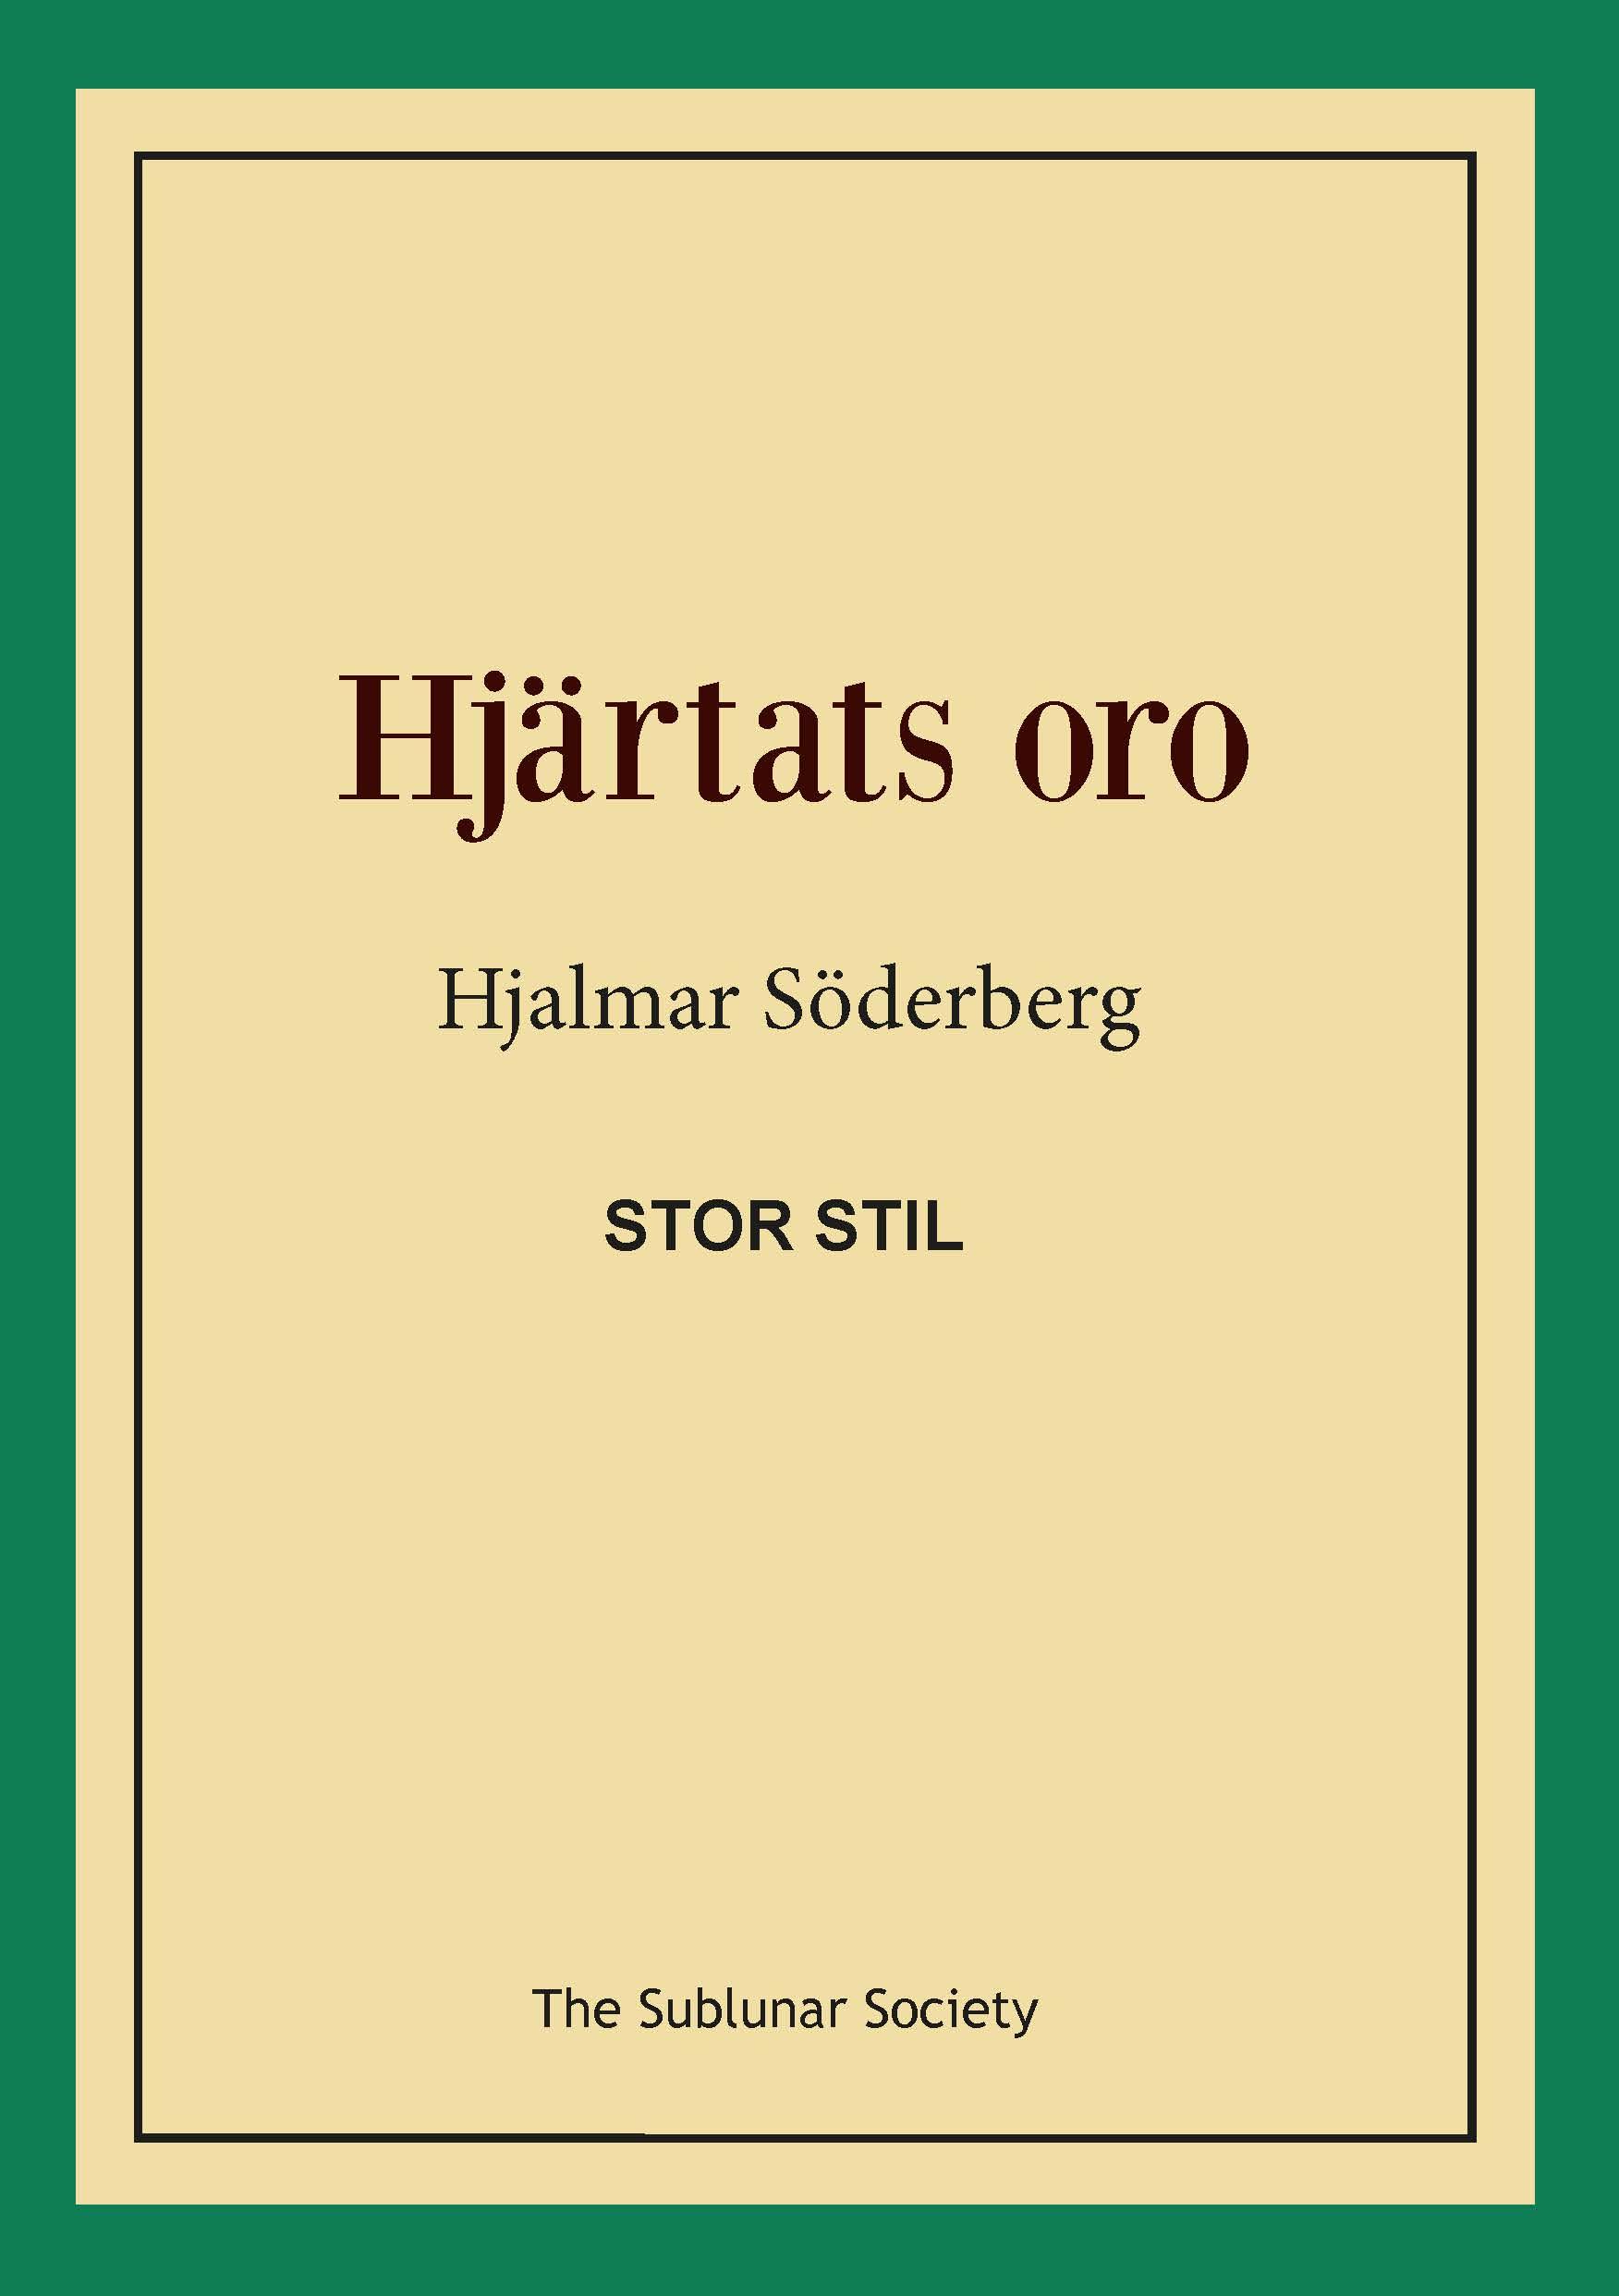 Hjärtats oro (stor stil) av Hjalmar Söderberg